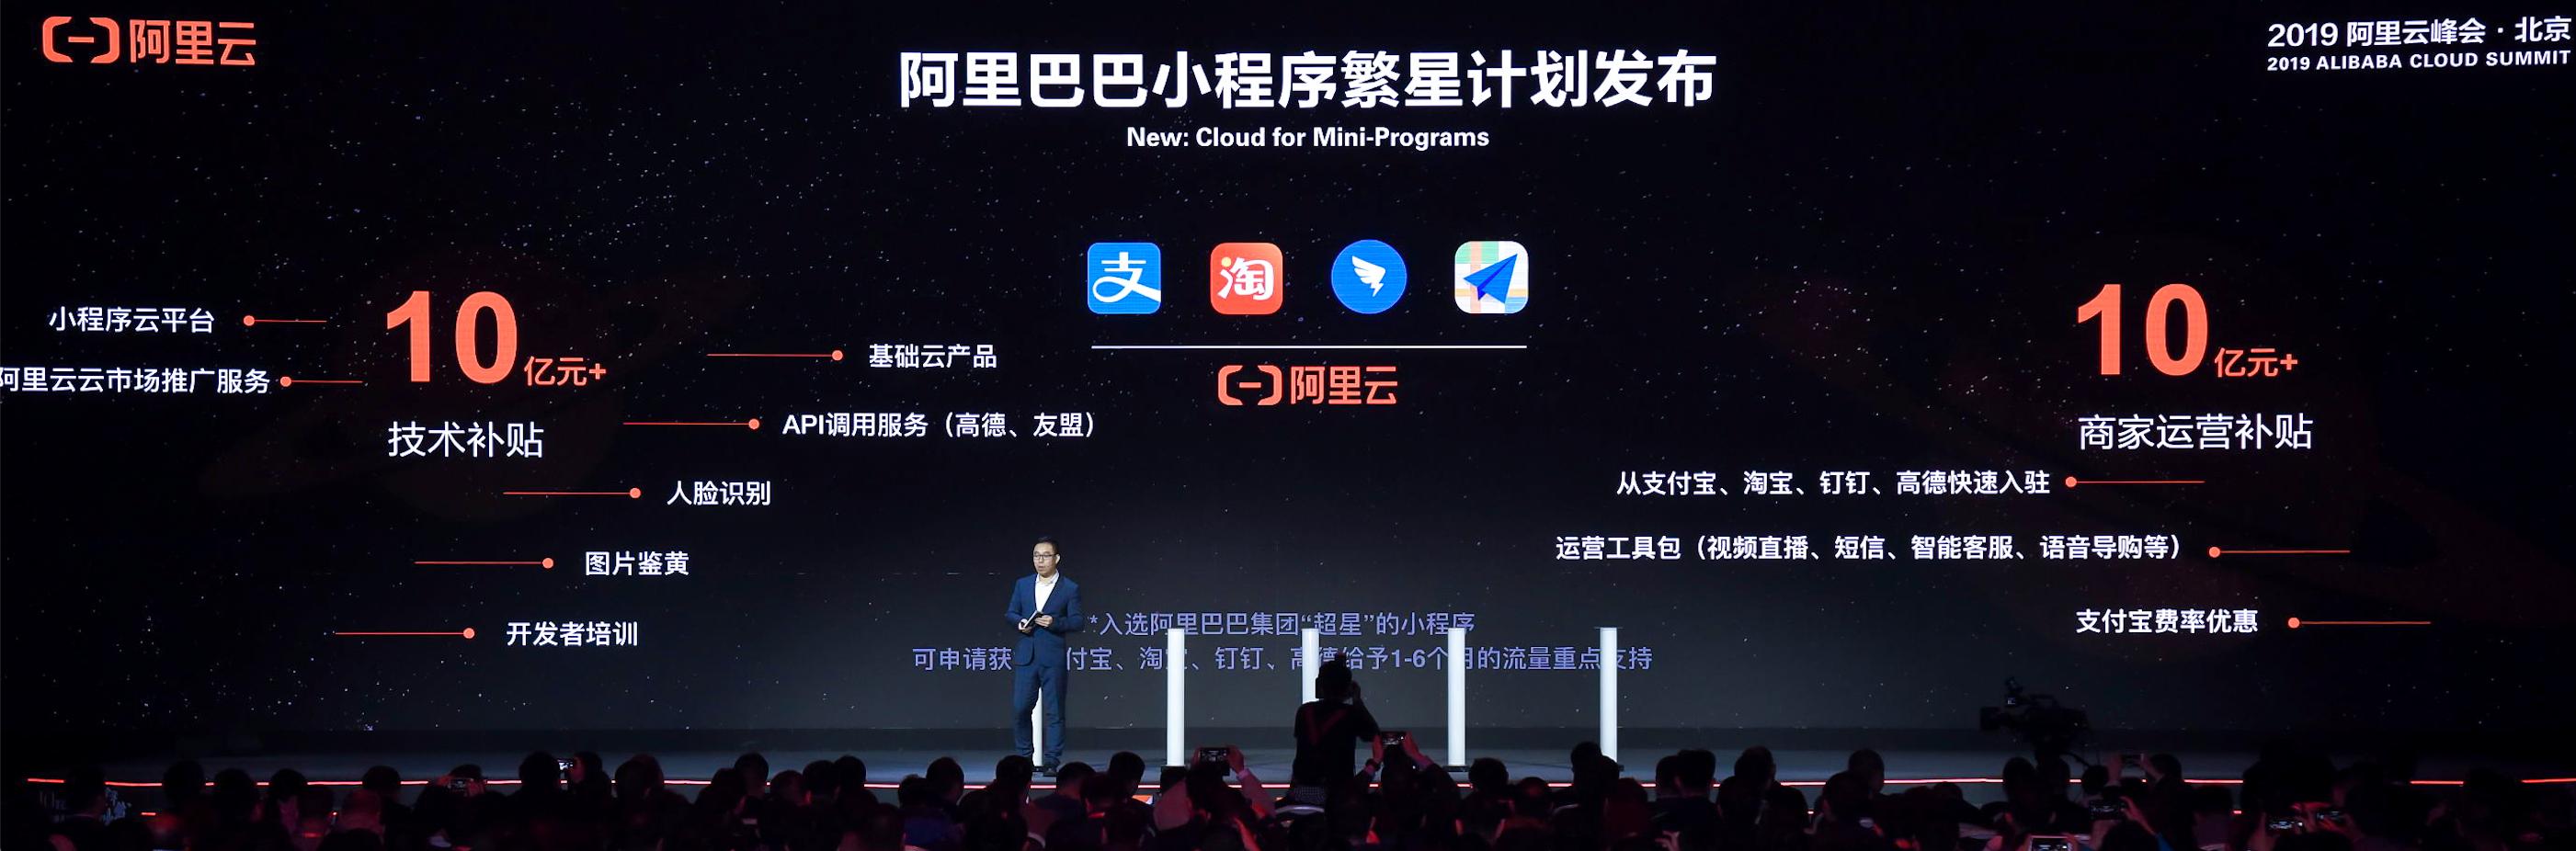 阿里巴巴发布小程序繁星计划 投入20亿扶持小程序开发者